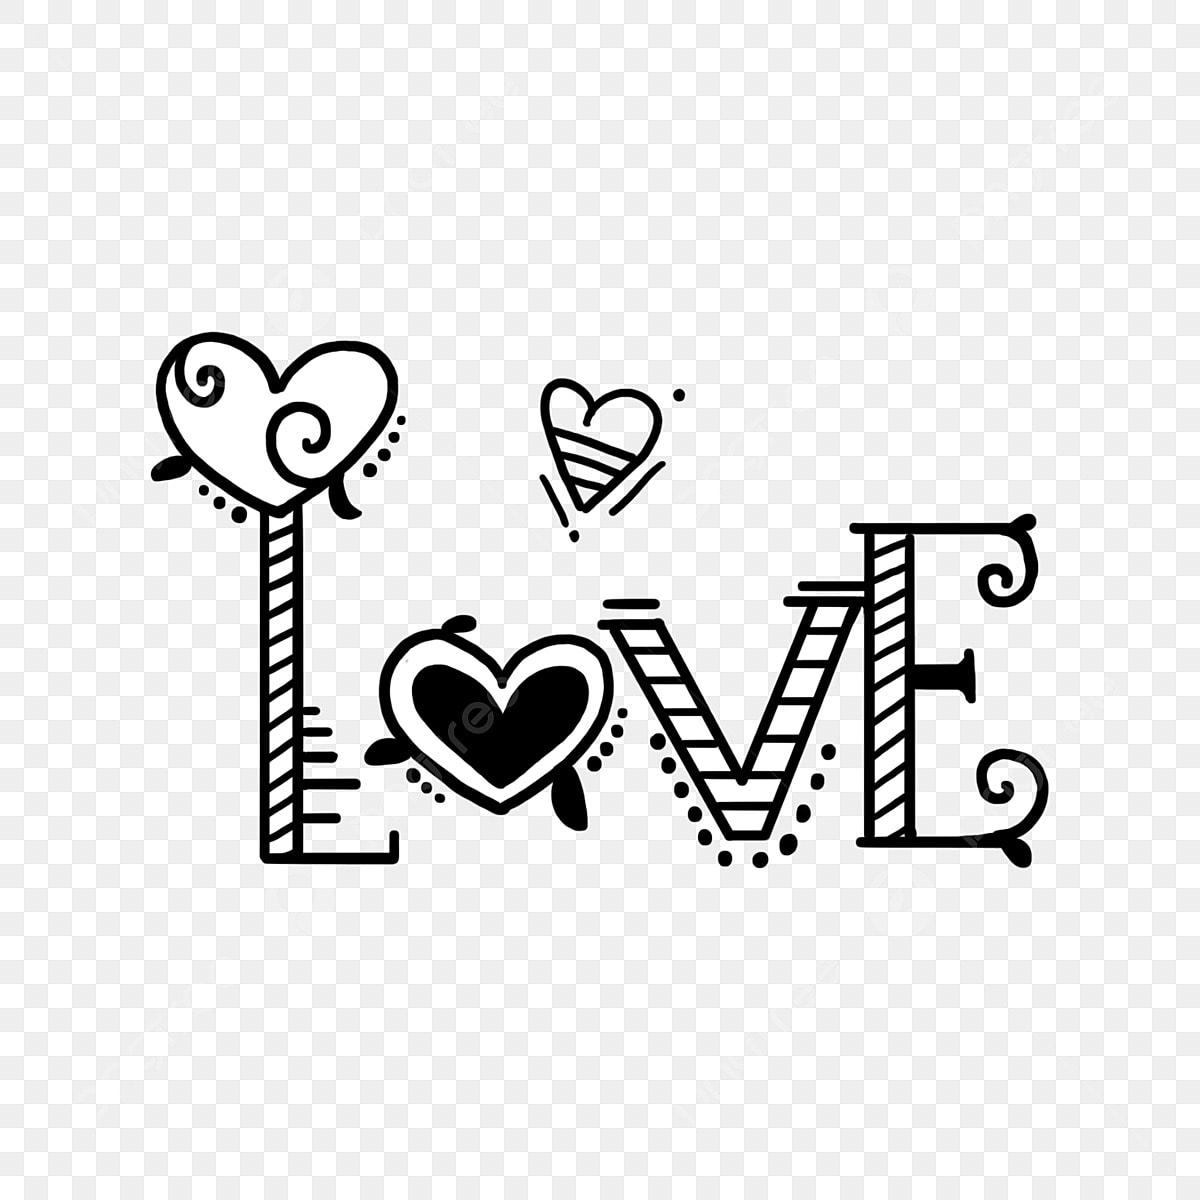 ومن ناحية رسم خط أبيض وأسود عنصر رسالة حب الإنجليزية رسمت باليد